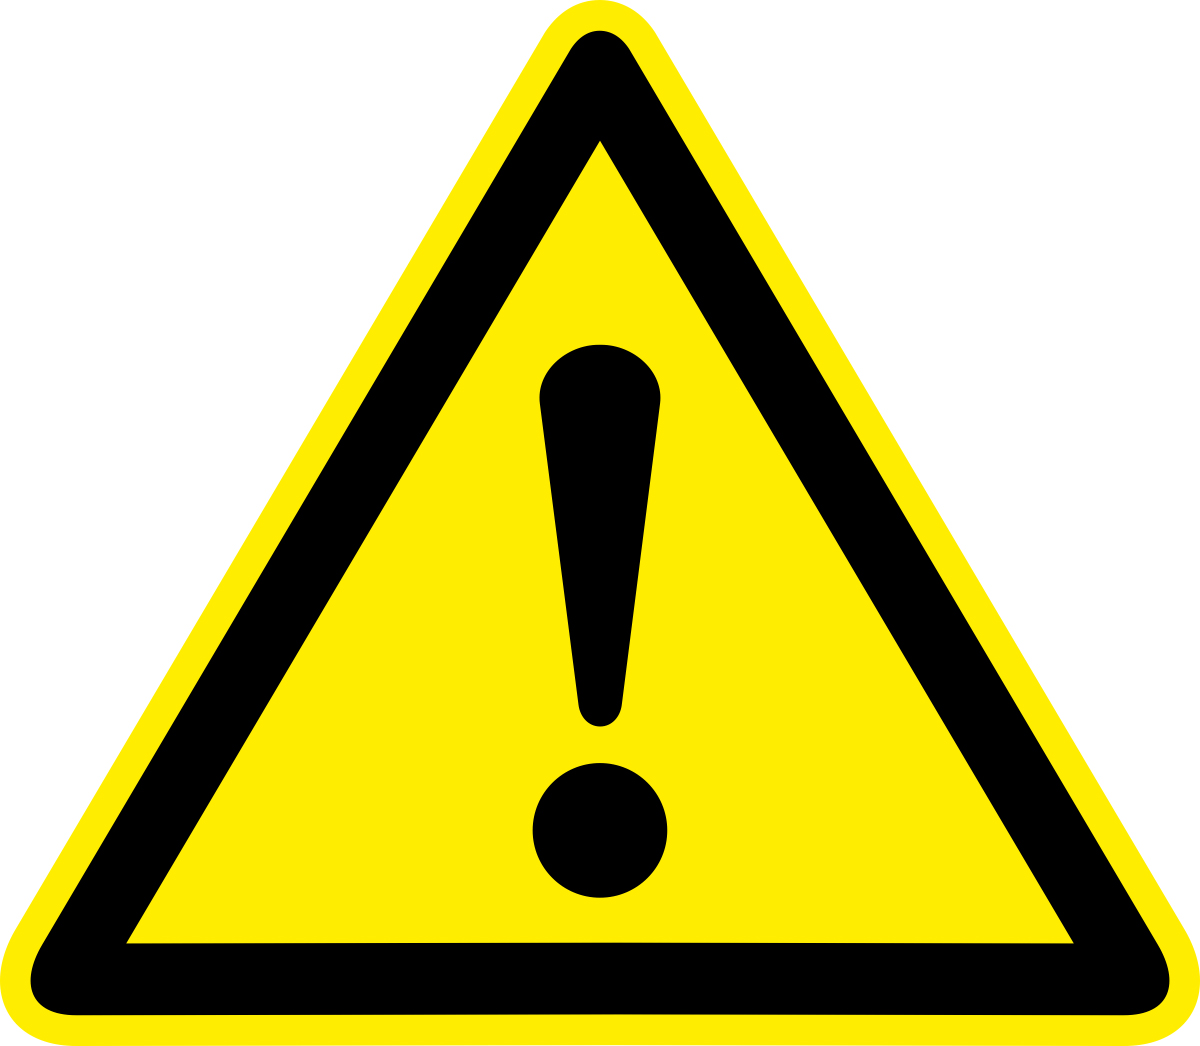 Наклейка информационная Оранжевый Слоник Внимание. Опасность. Прочие опасности, 15 х 15 см